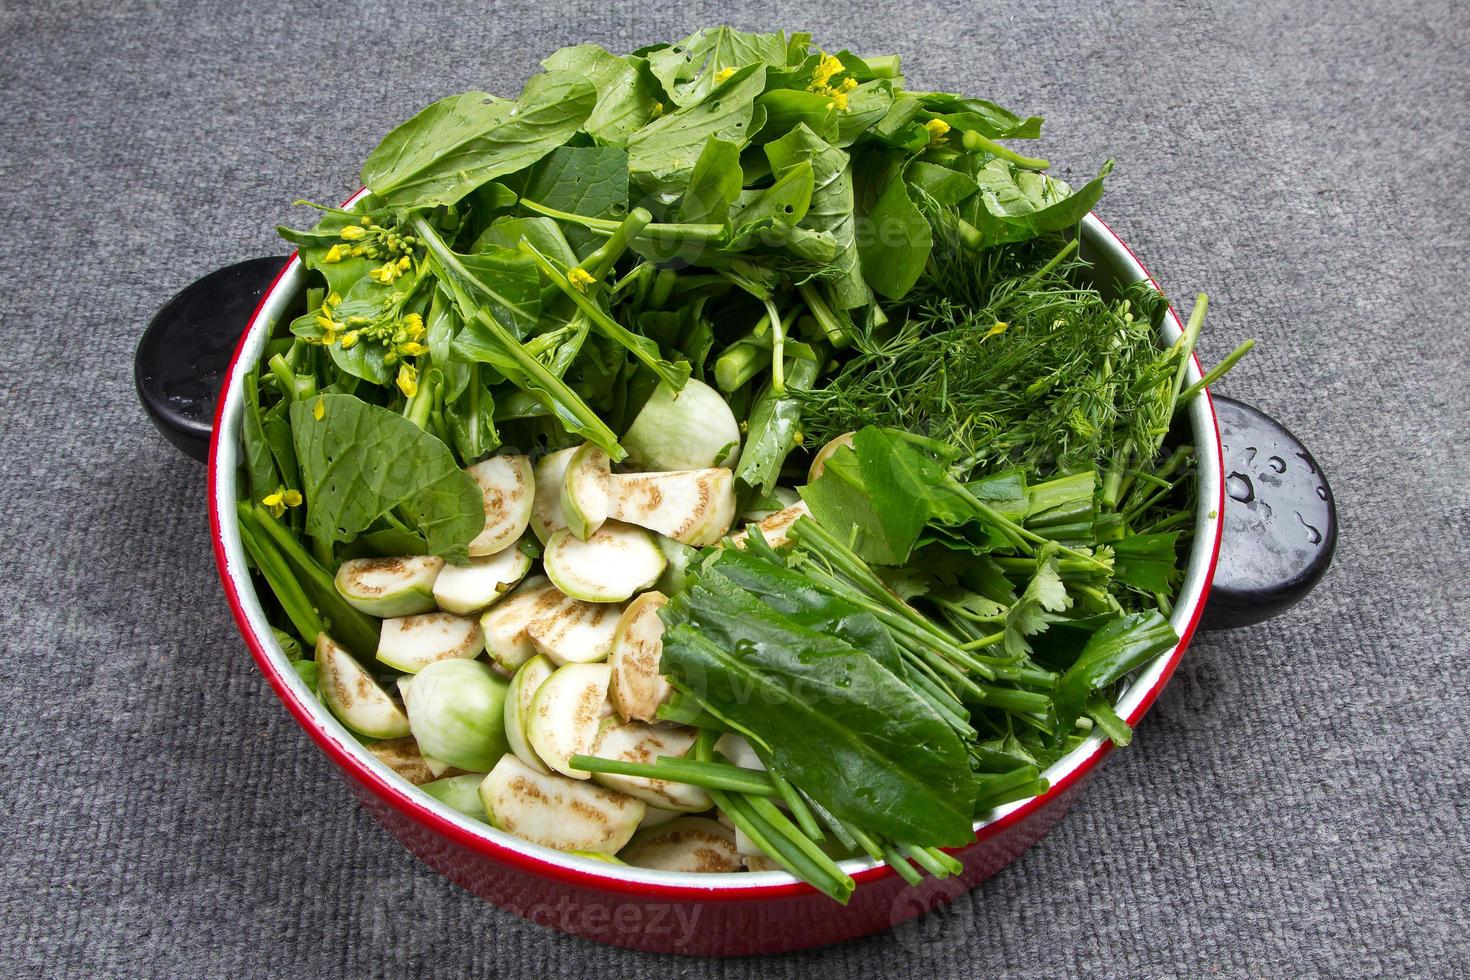 légumes verts tranchés pour la cuisson photo